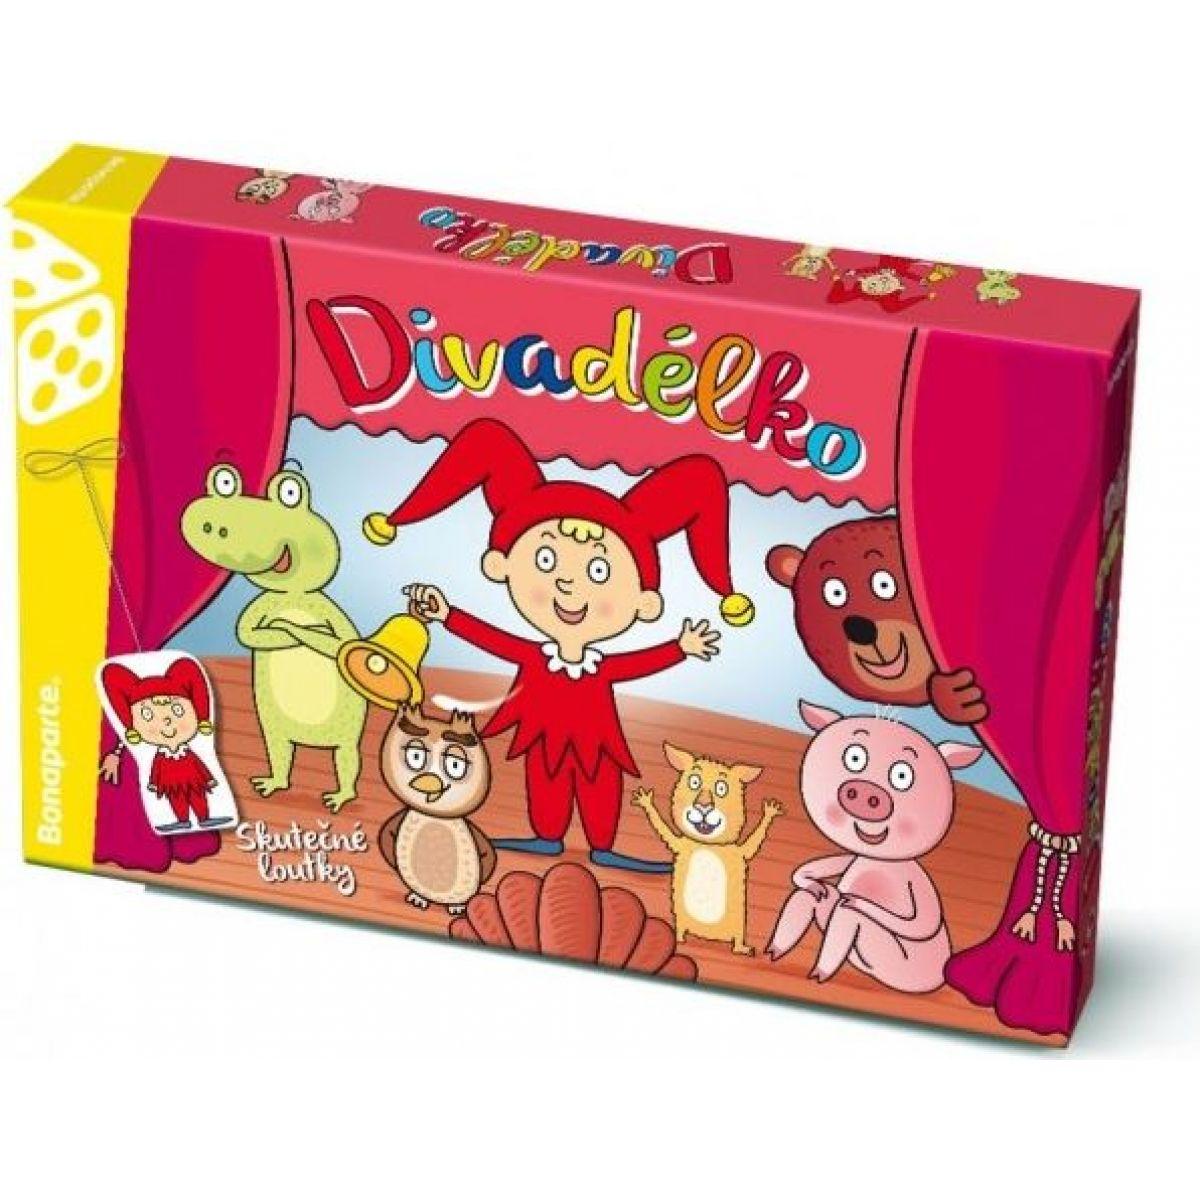 Bonaparte Divadielko papierové bábkové divadlo s oponou 6ks postavičiek v krabici 34x23x4cm